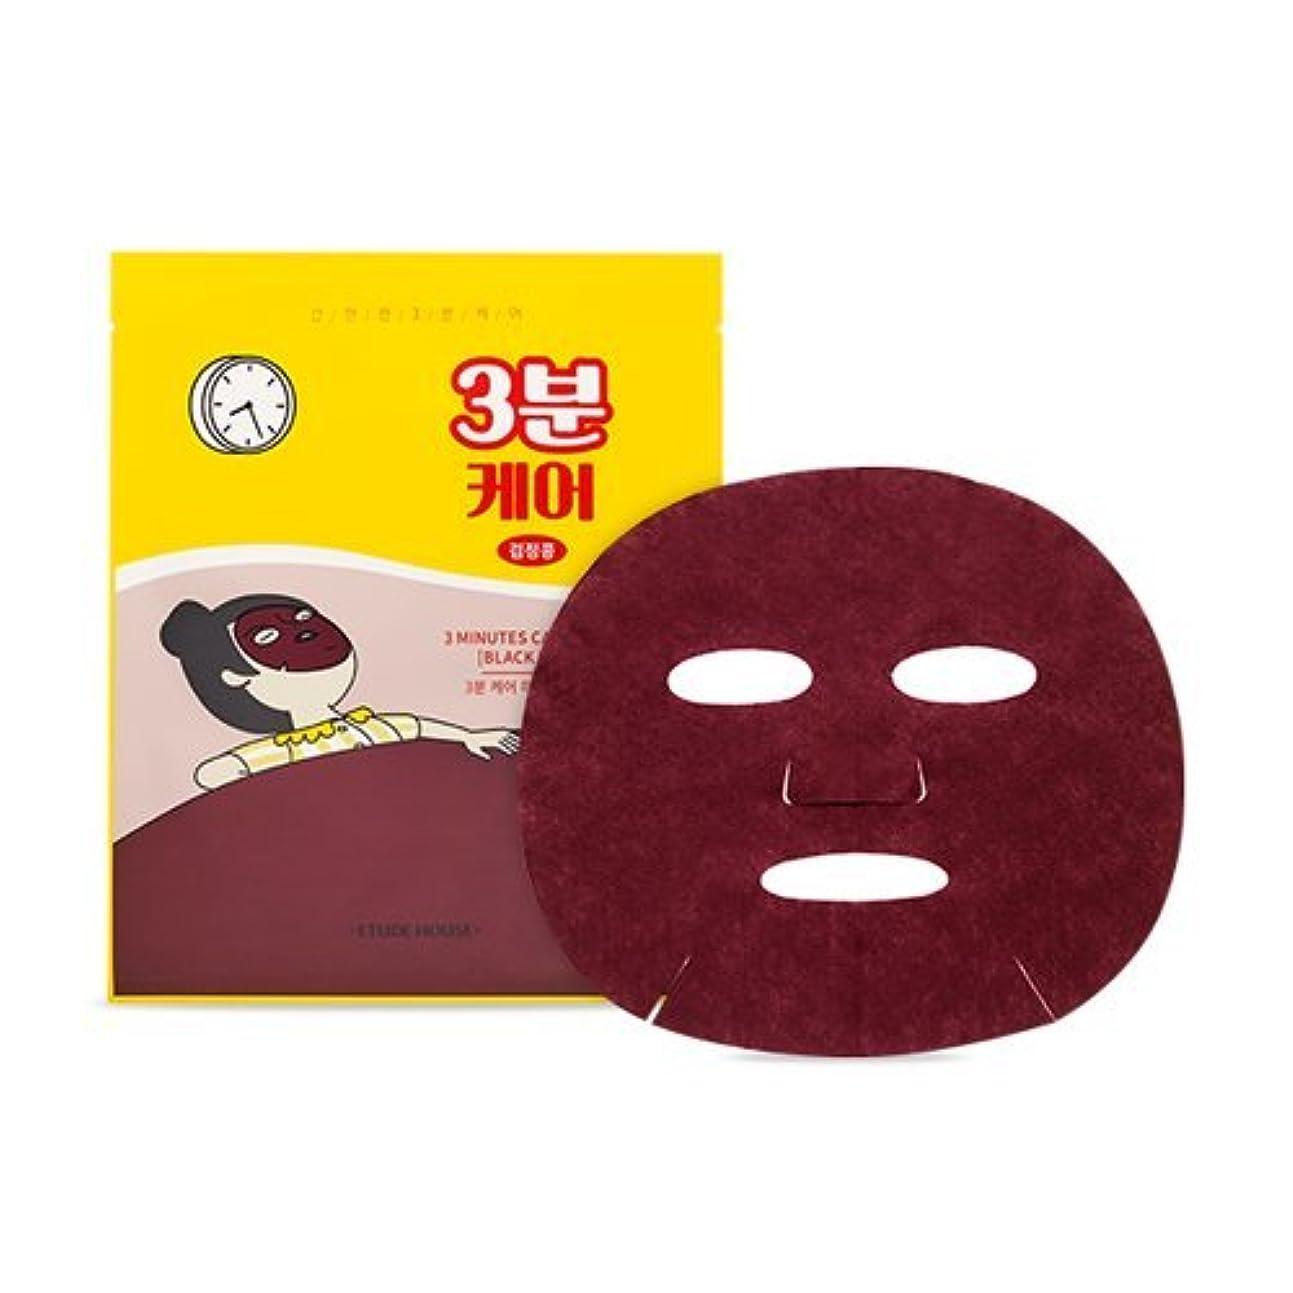 ラック事実ロマンスエチュードハウス 3分ケア マスク[ ブラックビーン ] 5枚/ETUDE HOUSE 3 Minutes Care Mask [BLACK BEAN] 23g*5EA